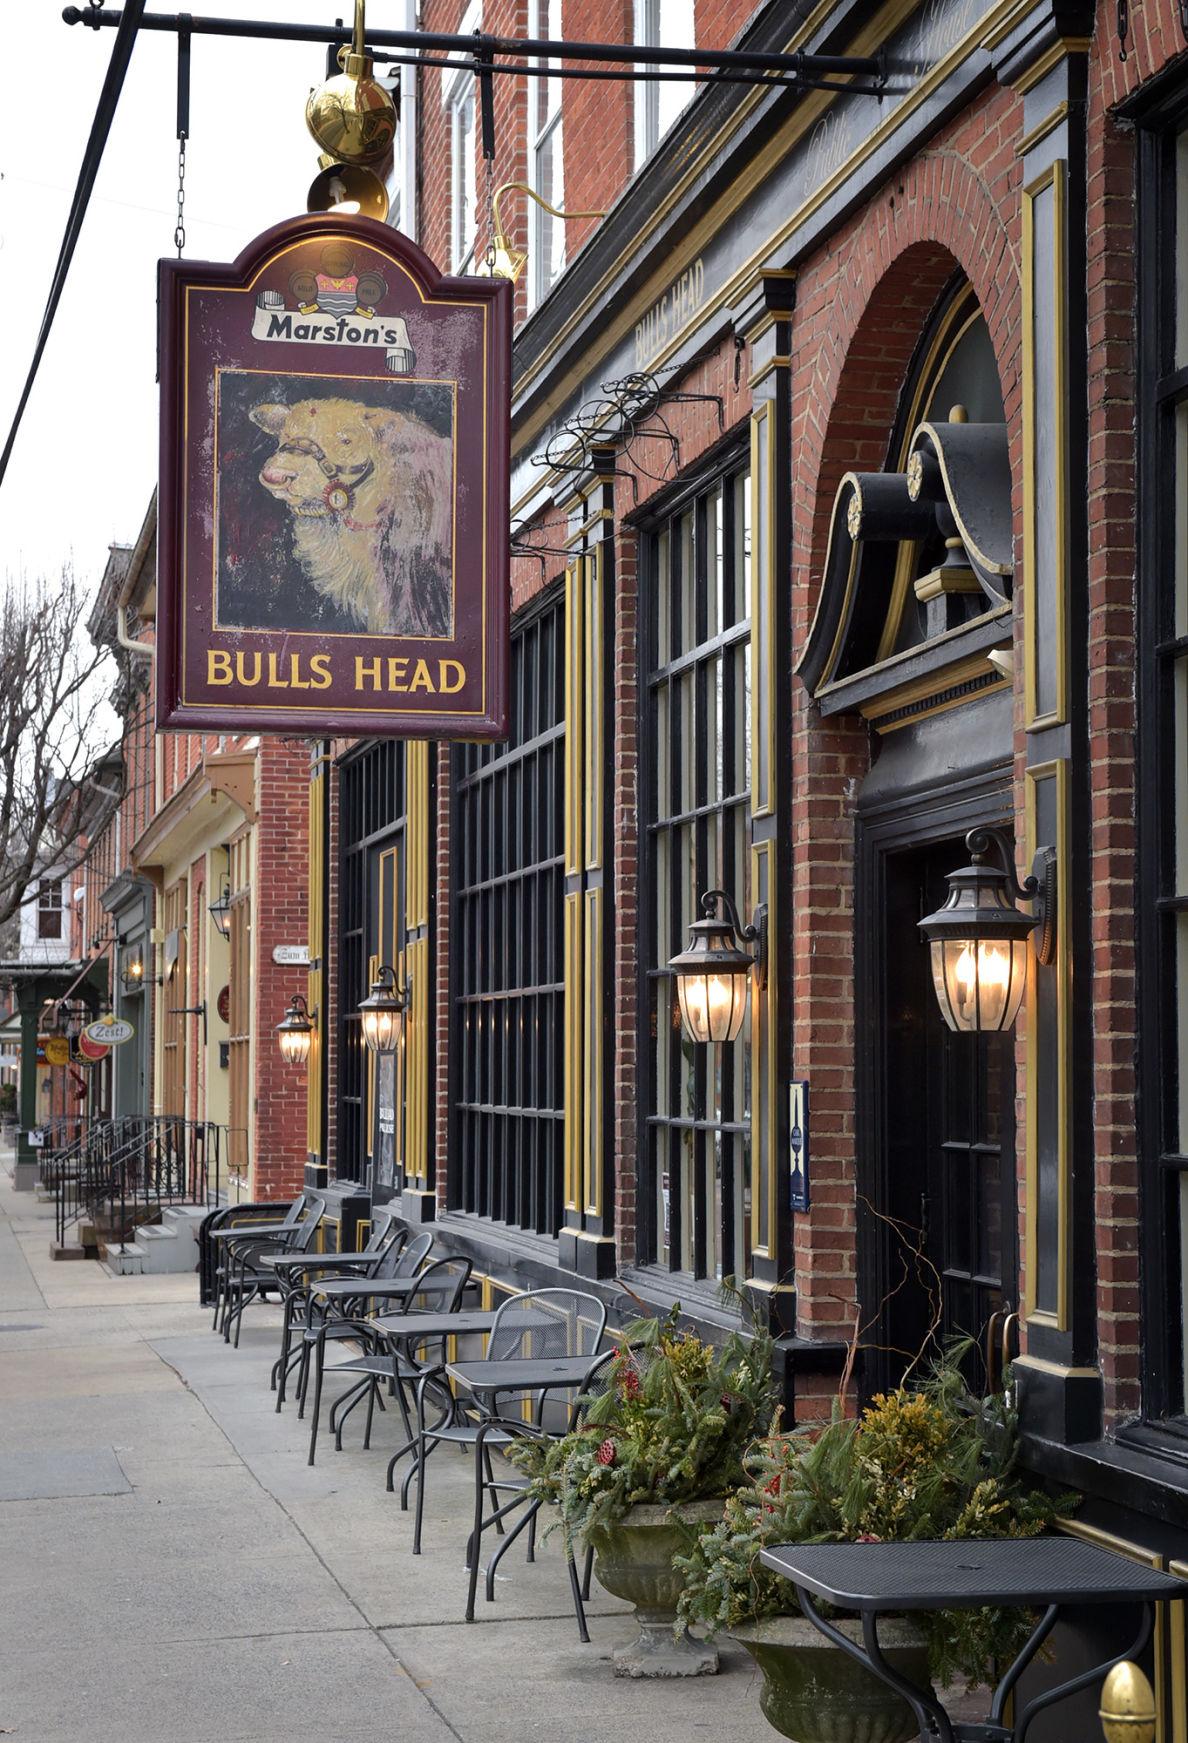 Bulls Head 3